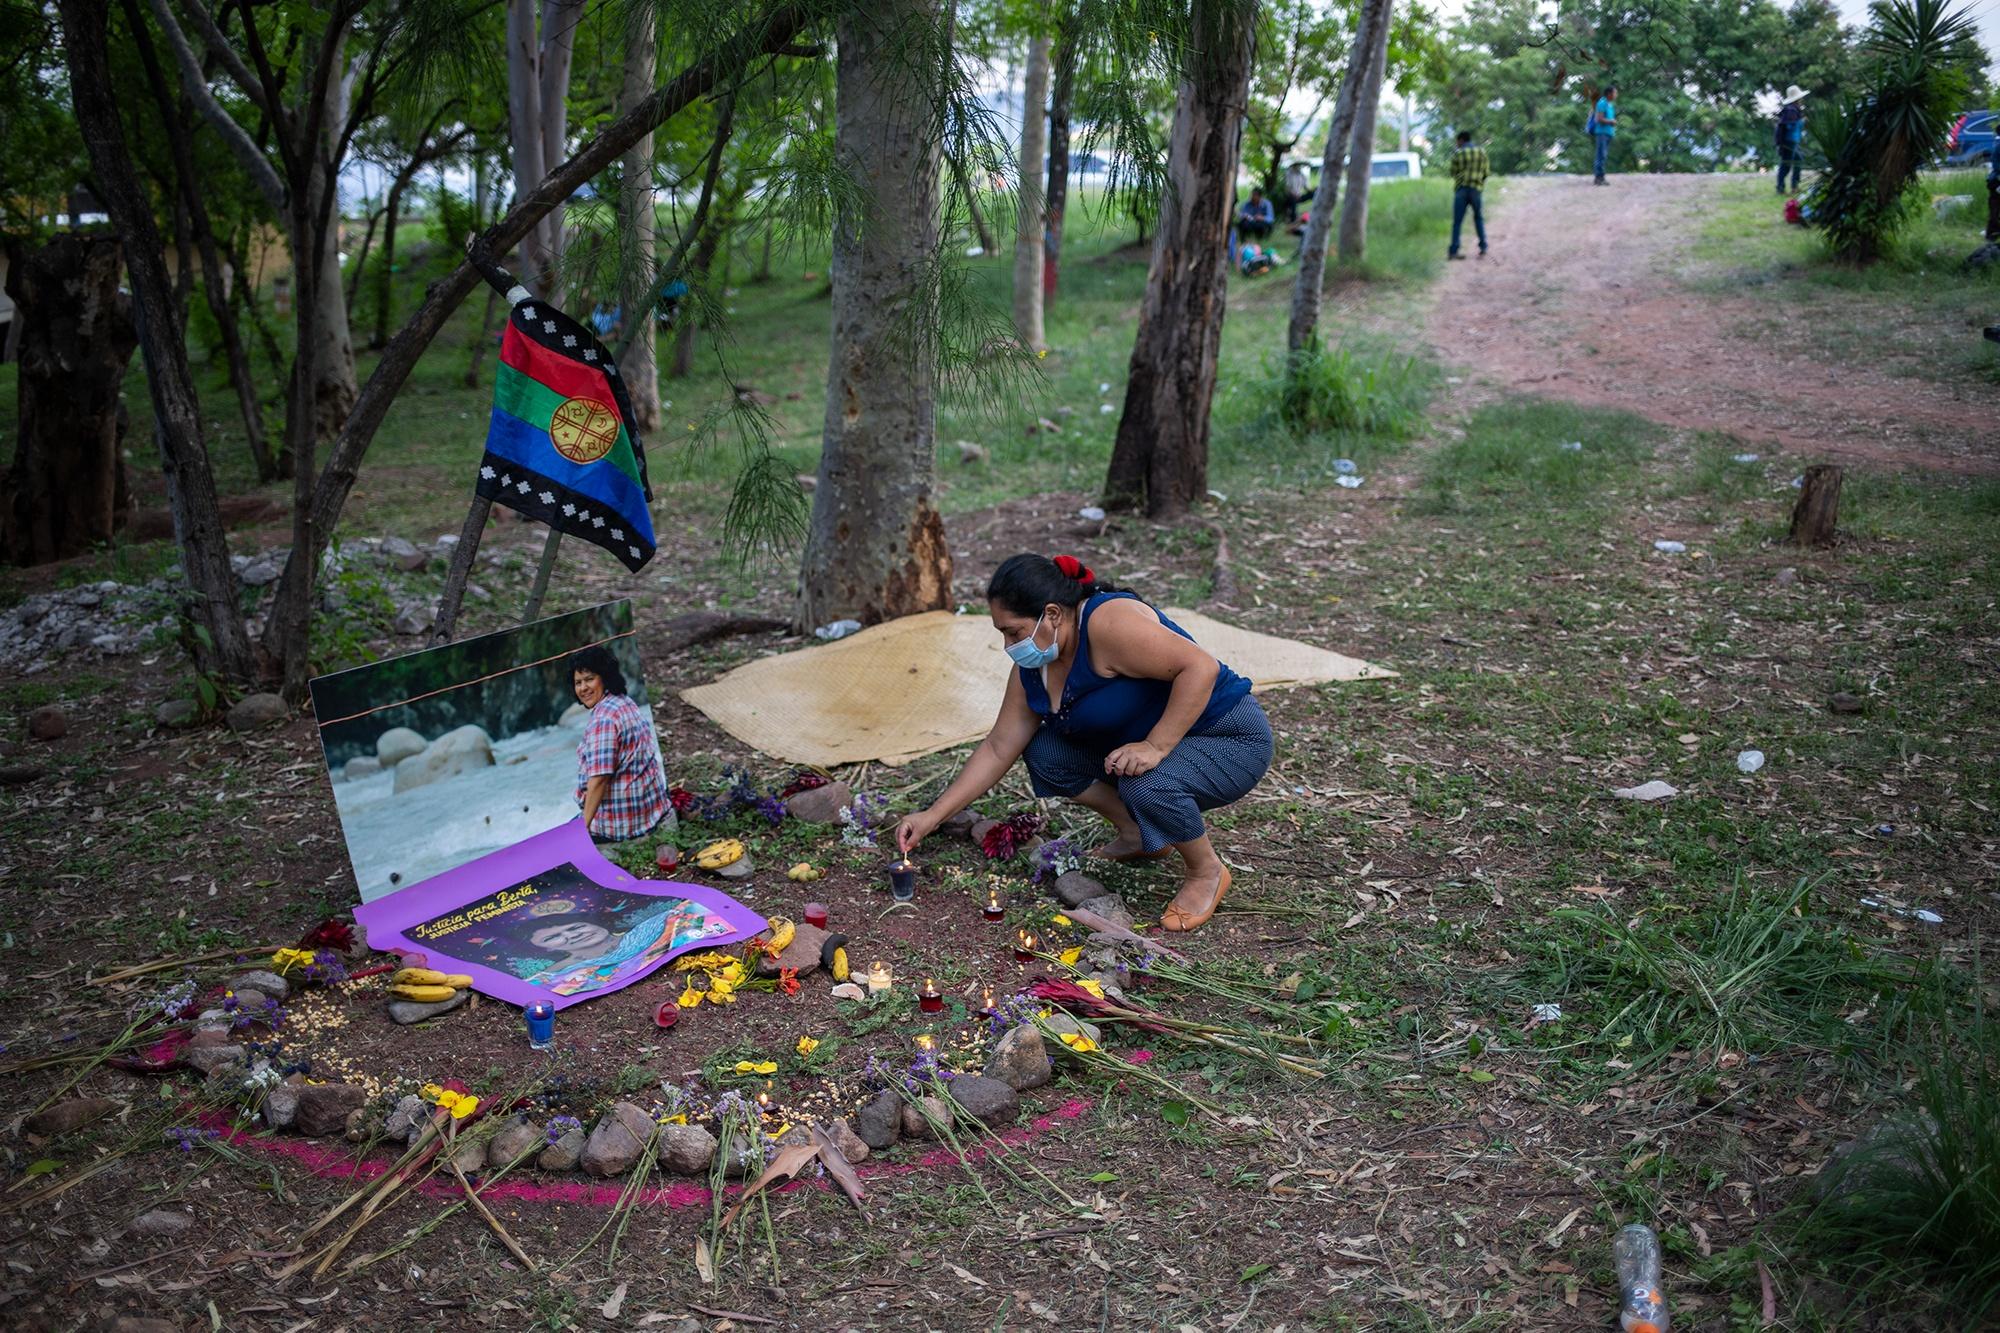 Gabriela Pineda, de la Red de Trabajadoras Domésticas, enciende una veladora en el altar en memoria de Berta Cáceres, ubicado en el centro del Campamento Feminista Viva Berta. Tegucigalpa, 17 de mayo de 2021. Foto: Martín Cálix.